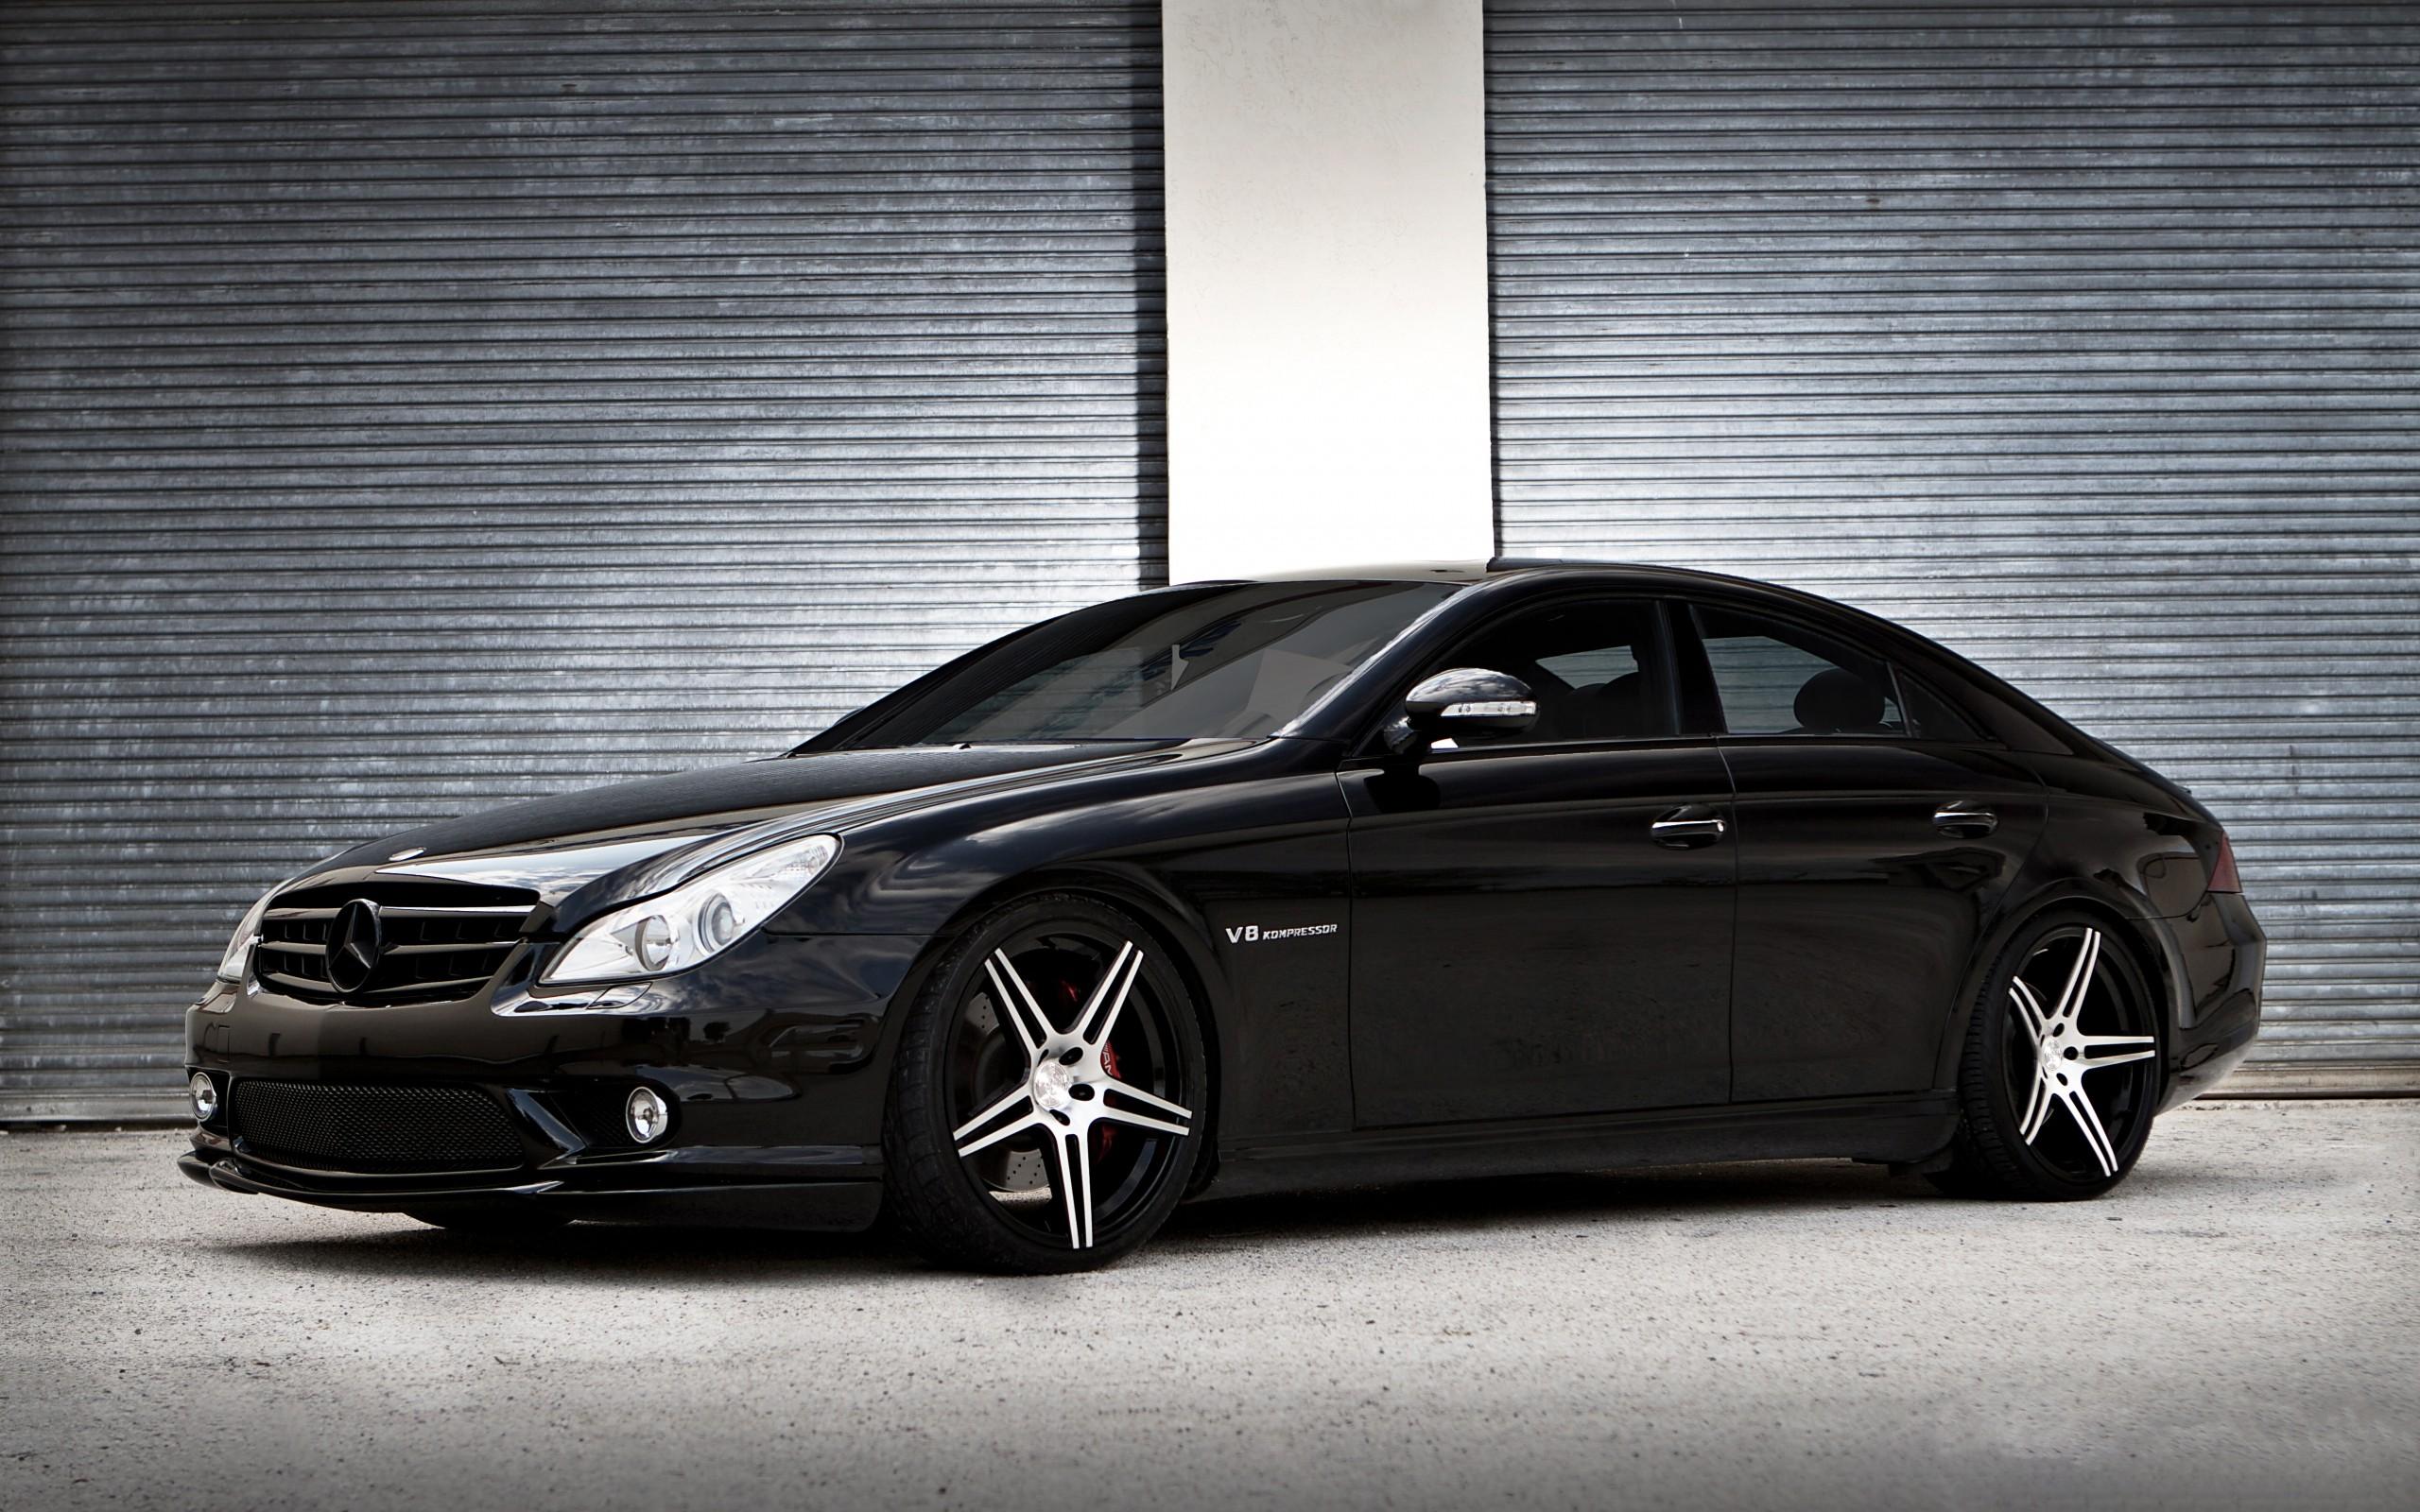 2012 mercedes benz c63 amg car wallpaper wallpaper free download - Mercedes Benz Cls55 Amg Wallpaper Hd Car Wallpapers